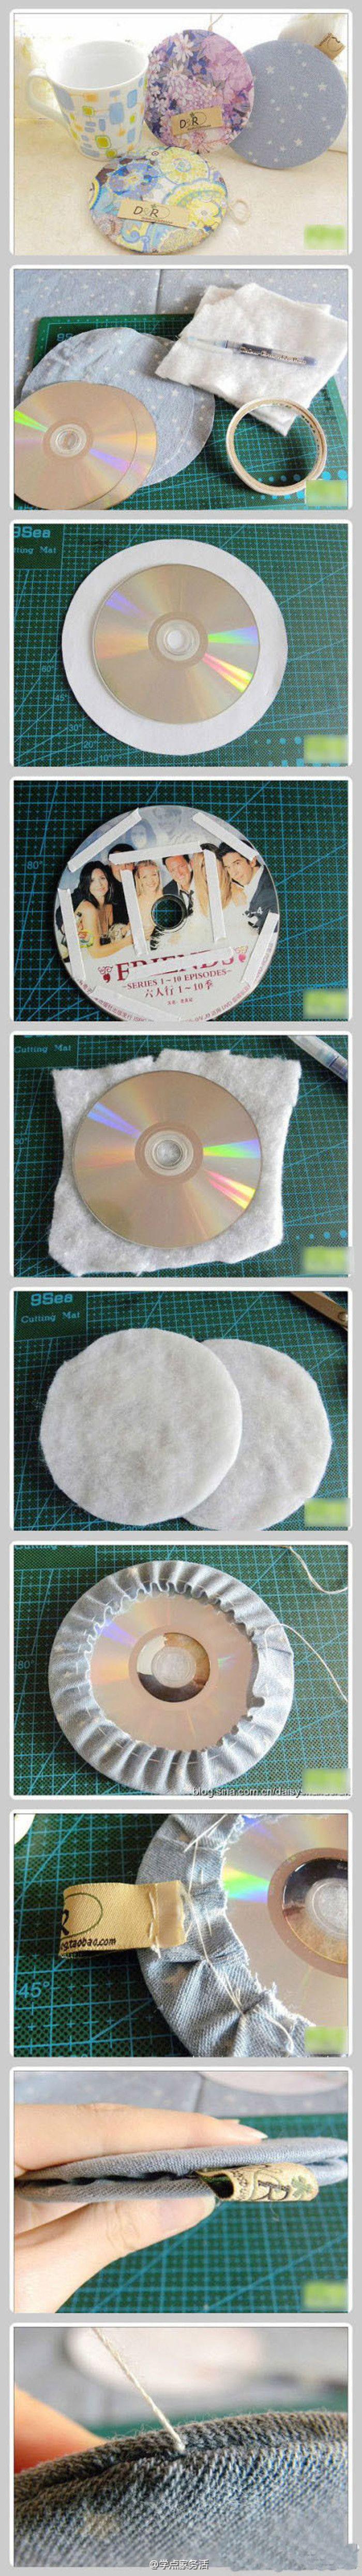 【杯垫DIY】旧光碟变身杯垫~个性又漂亮哦~还能#废物利用#